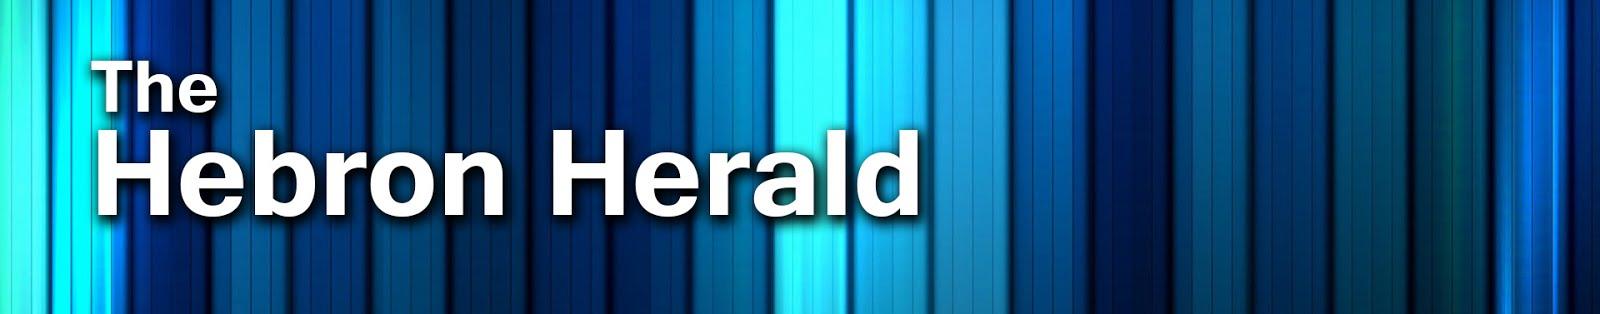 HebronHerald